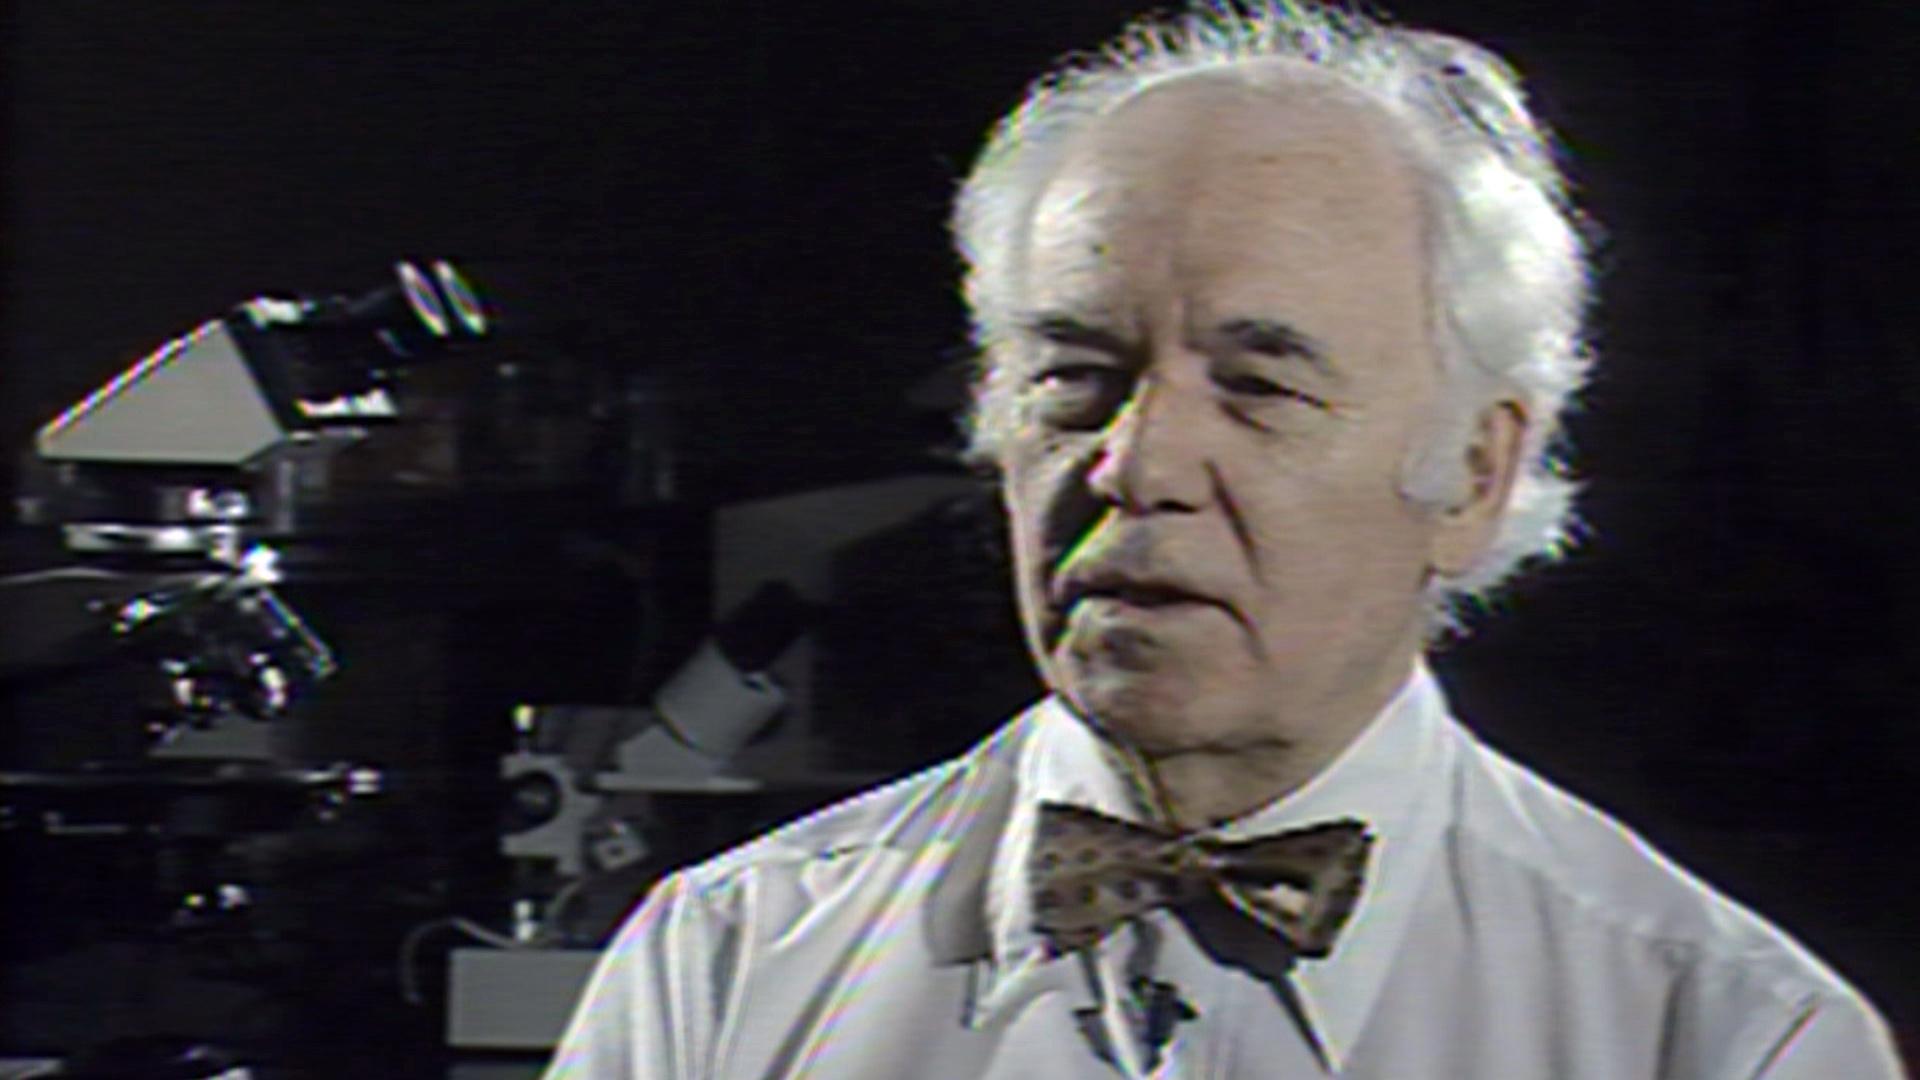 Walter McCrone starred in WTTW's